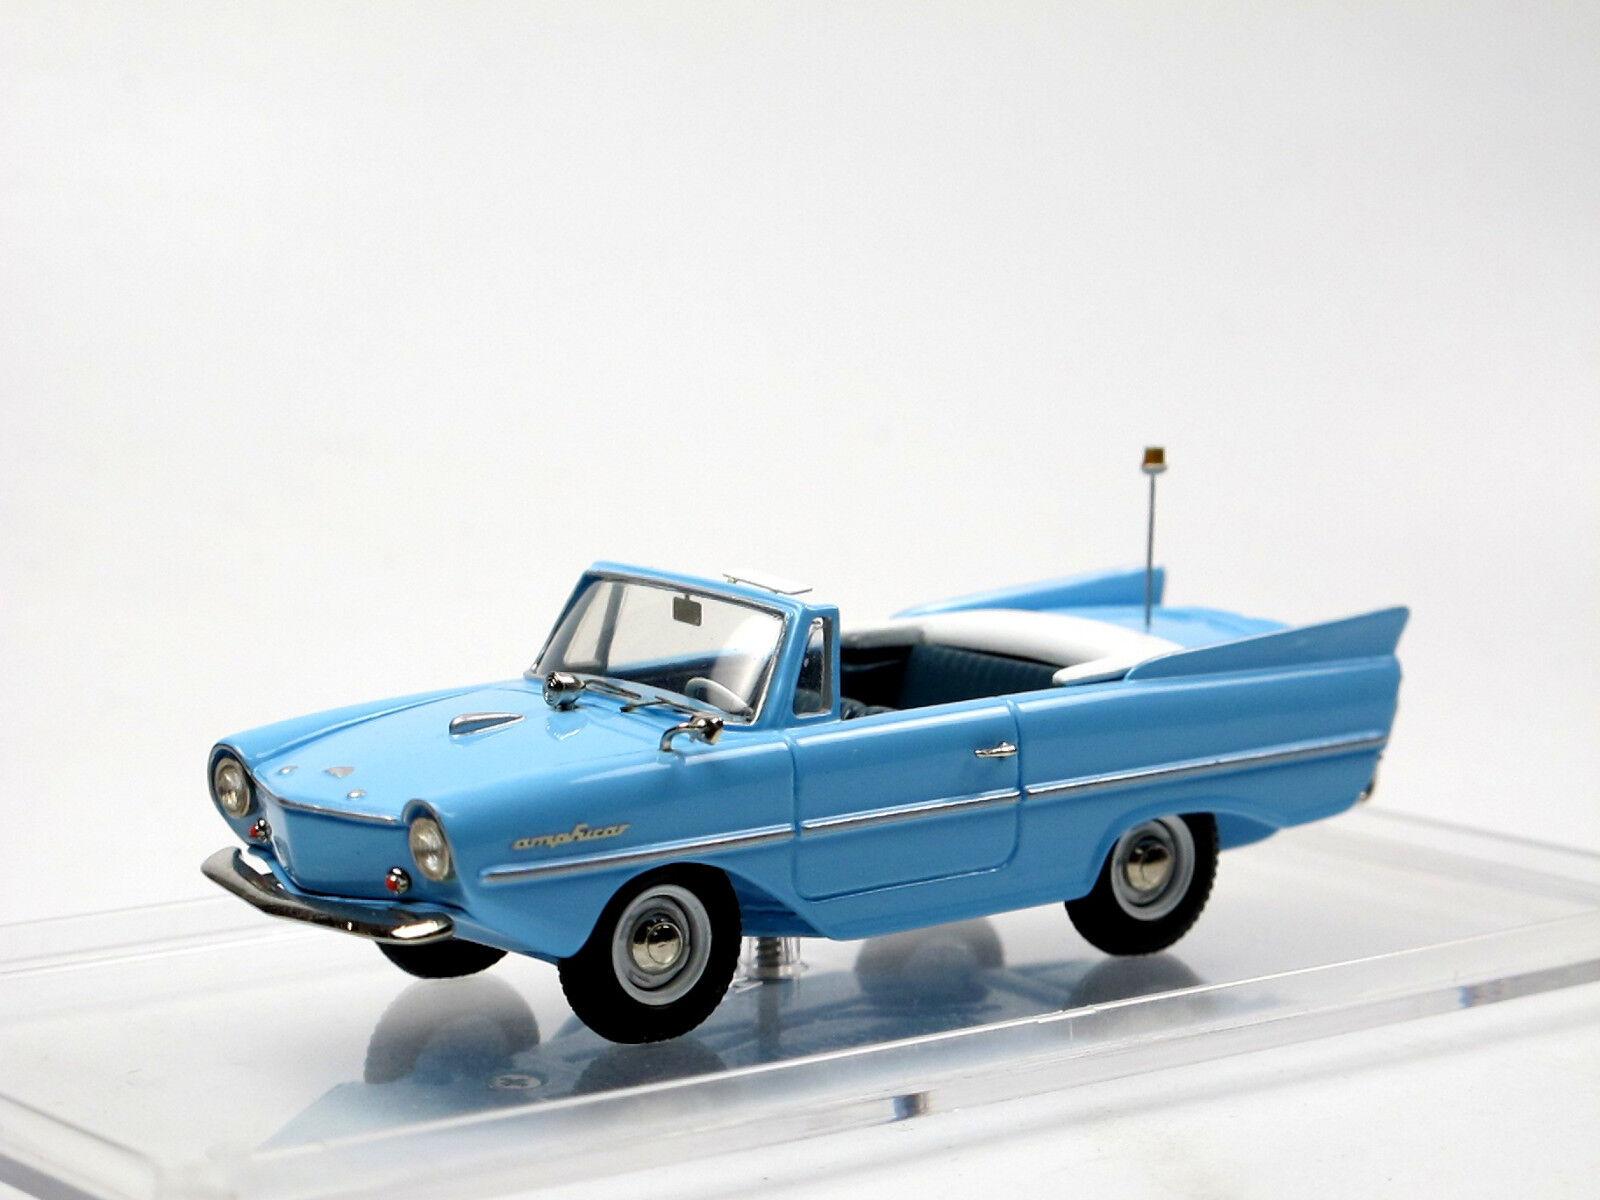 AMPHICAR Type 770 Hans Trippel année modèle 1961-1964 bleu clair 1 43 blanc Metal